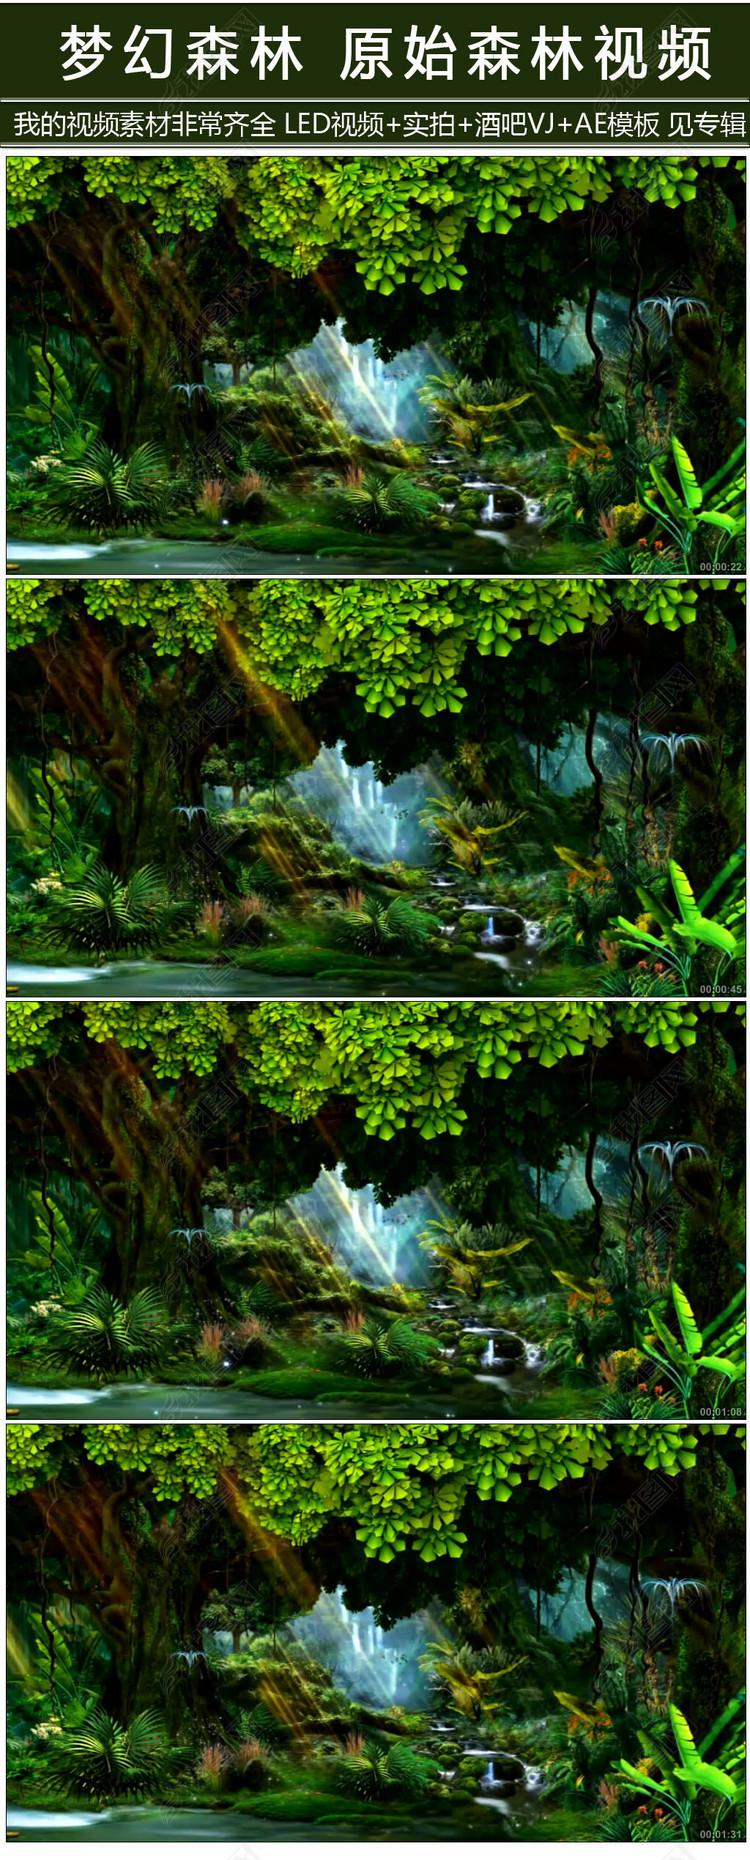 梦幻绿色原始森林3D全息投影LED视频